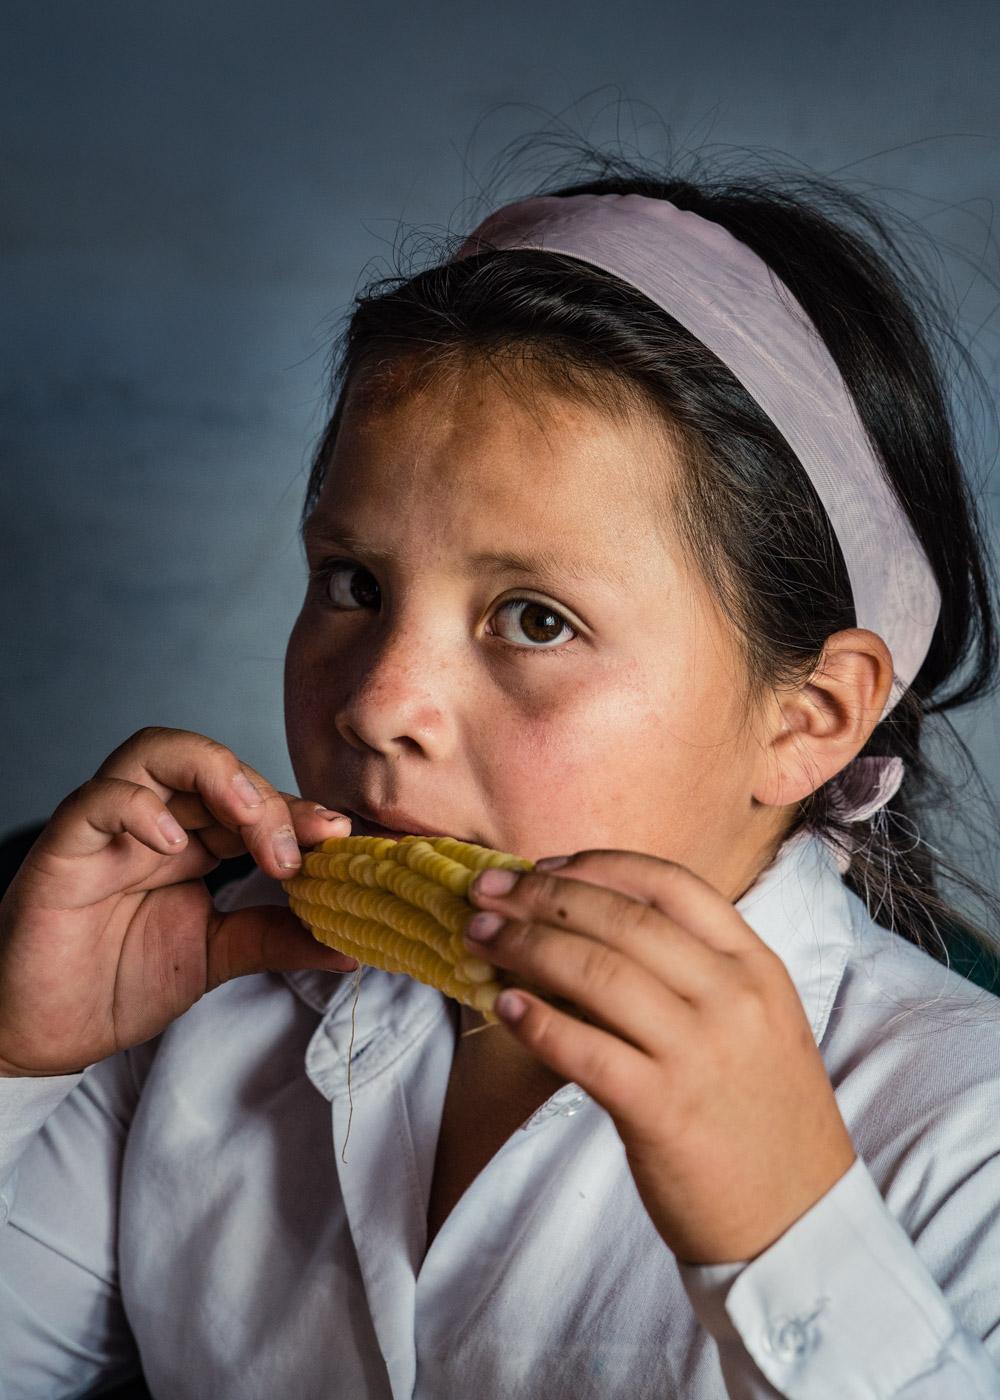 옥수수 먹는 소녀